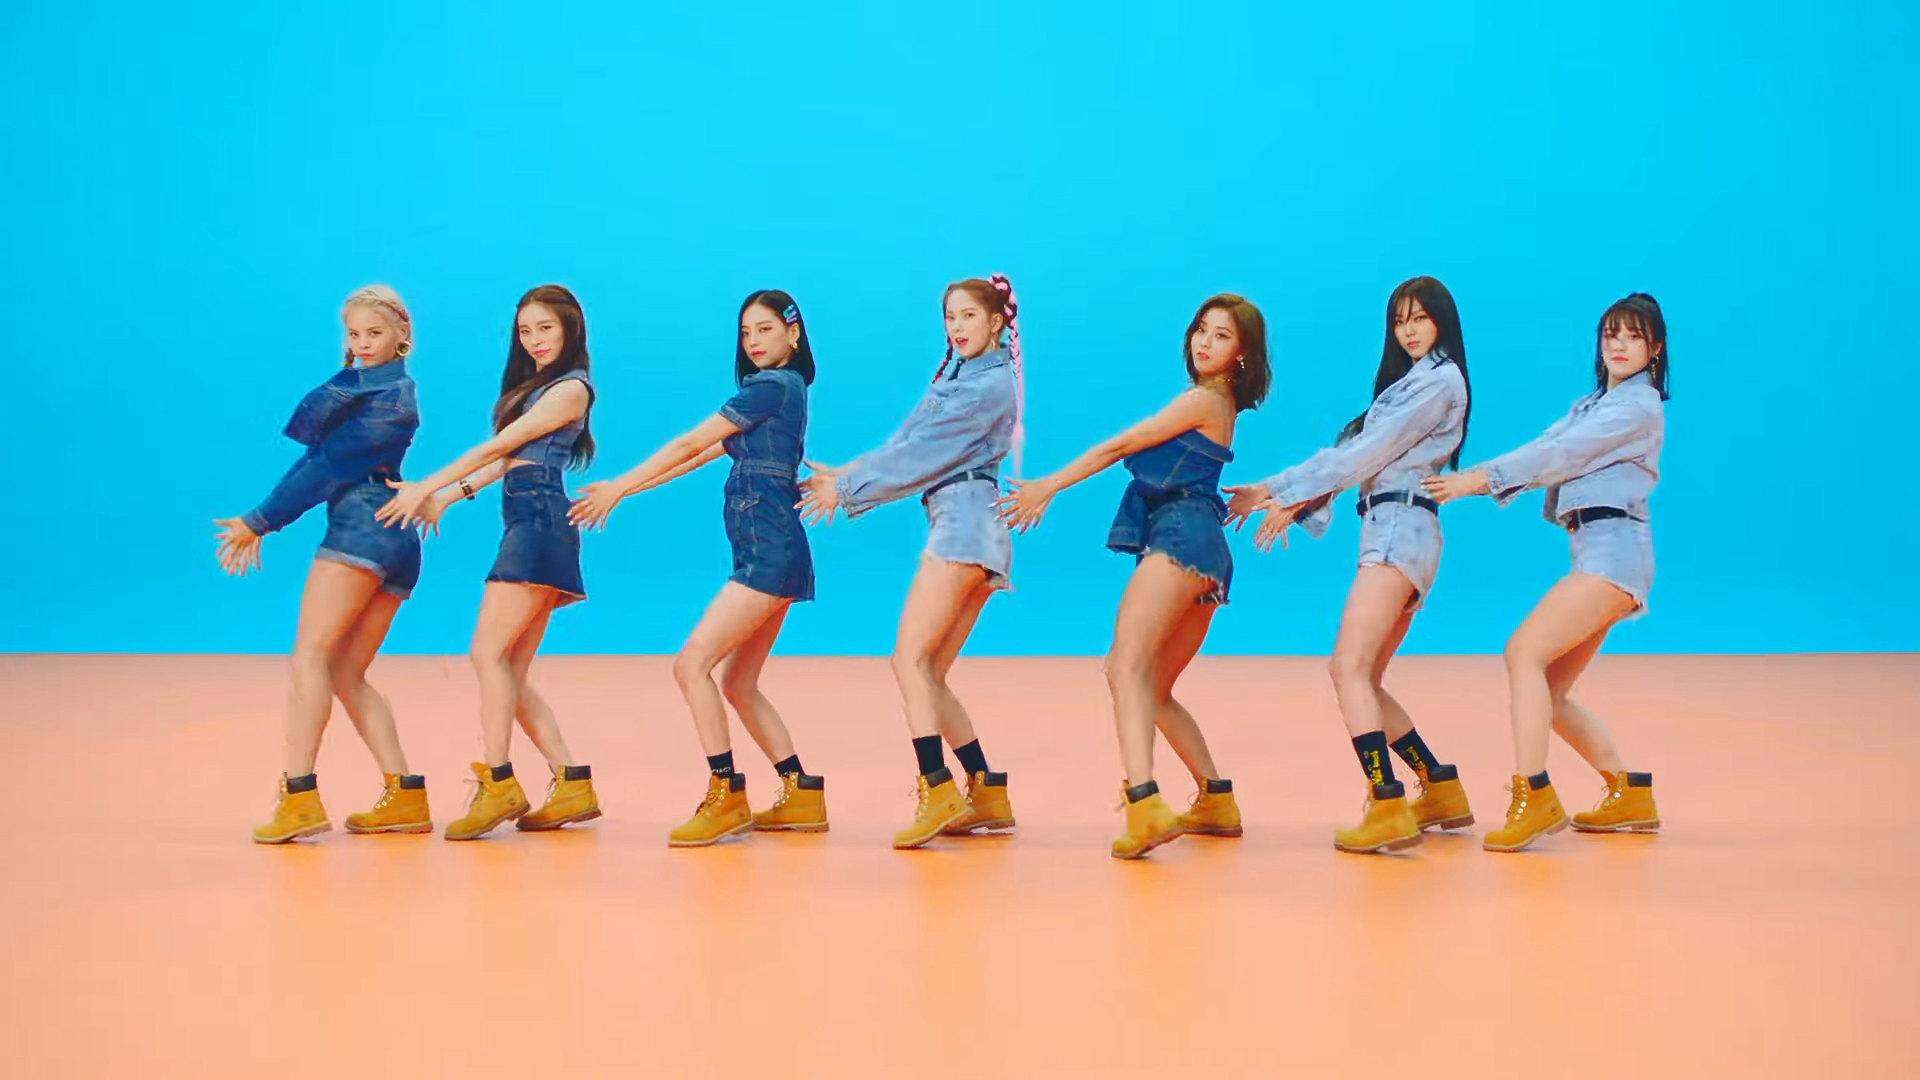 Shinee Dream Girl Wallpaper Clc Devil Mv Teaser 2 Screencaps K Pop Database Dbkpop Com